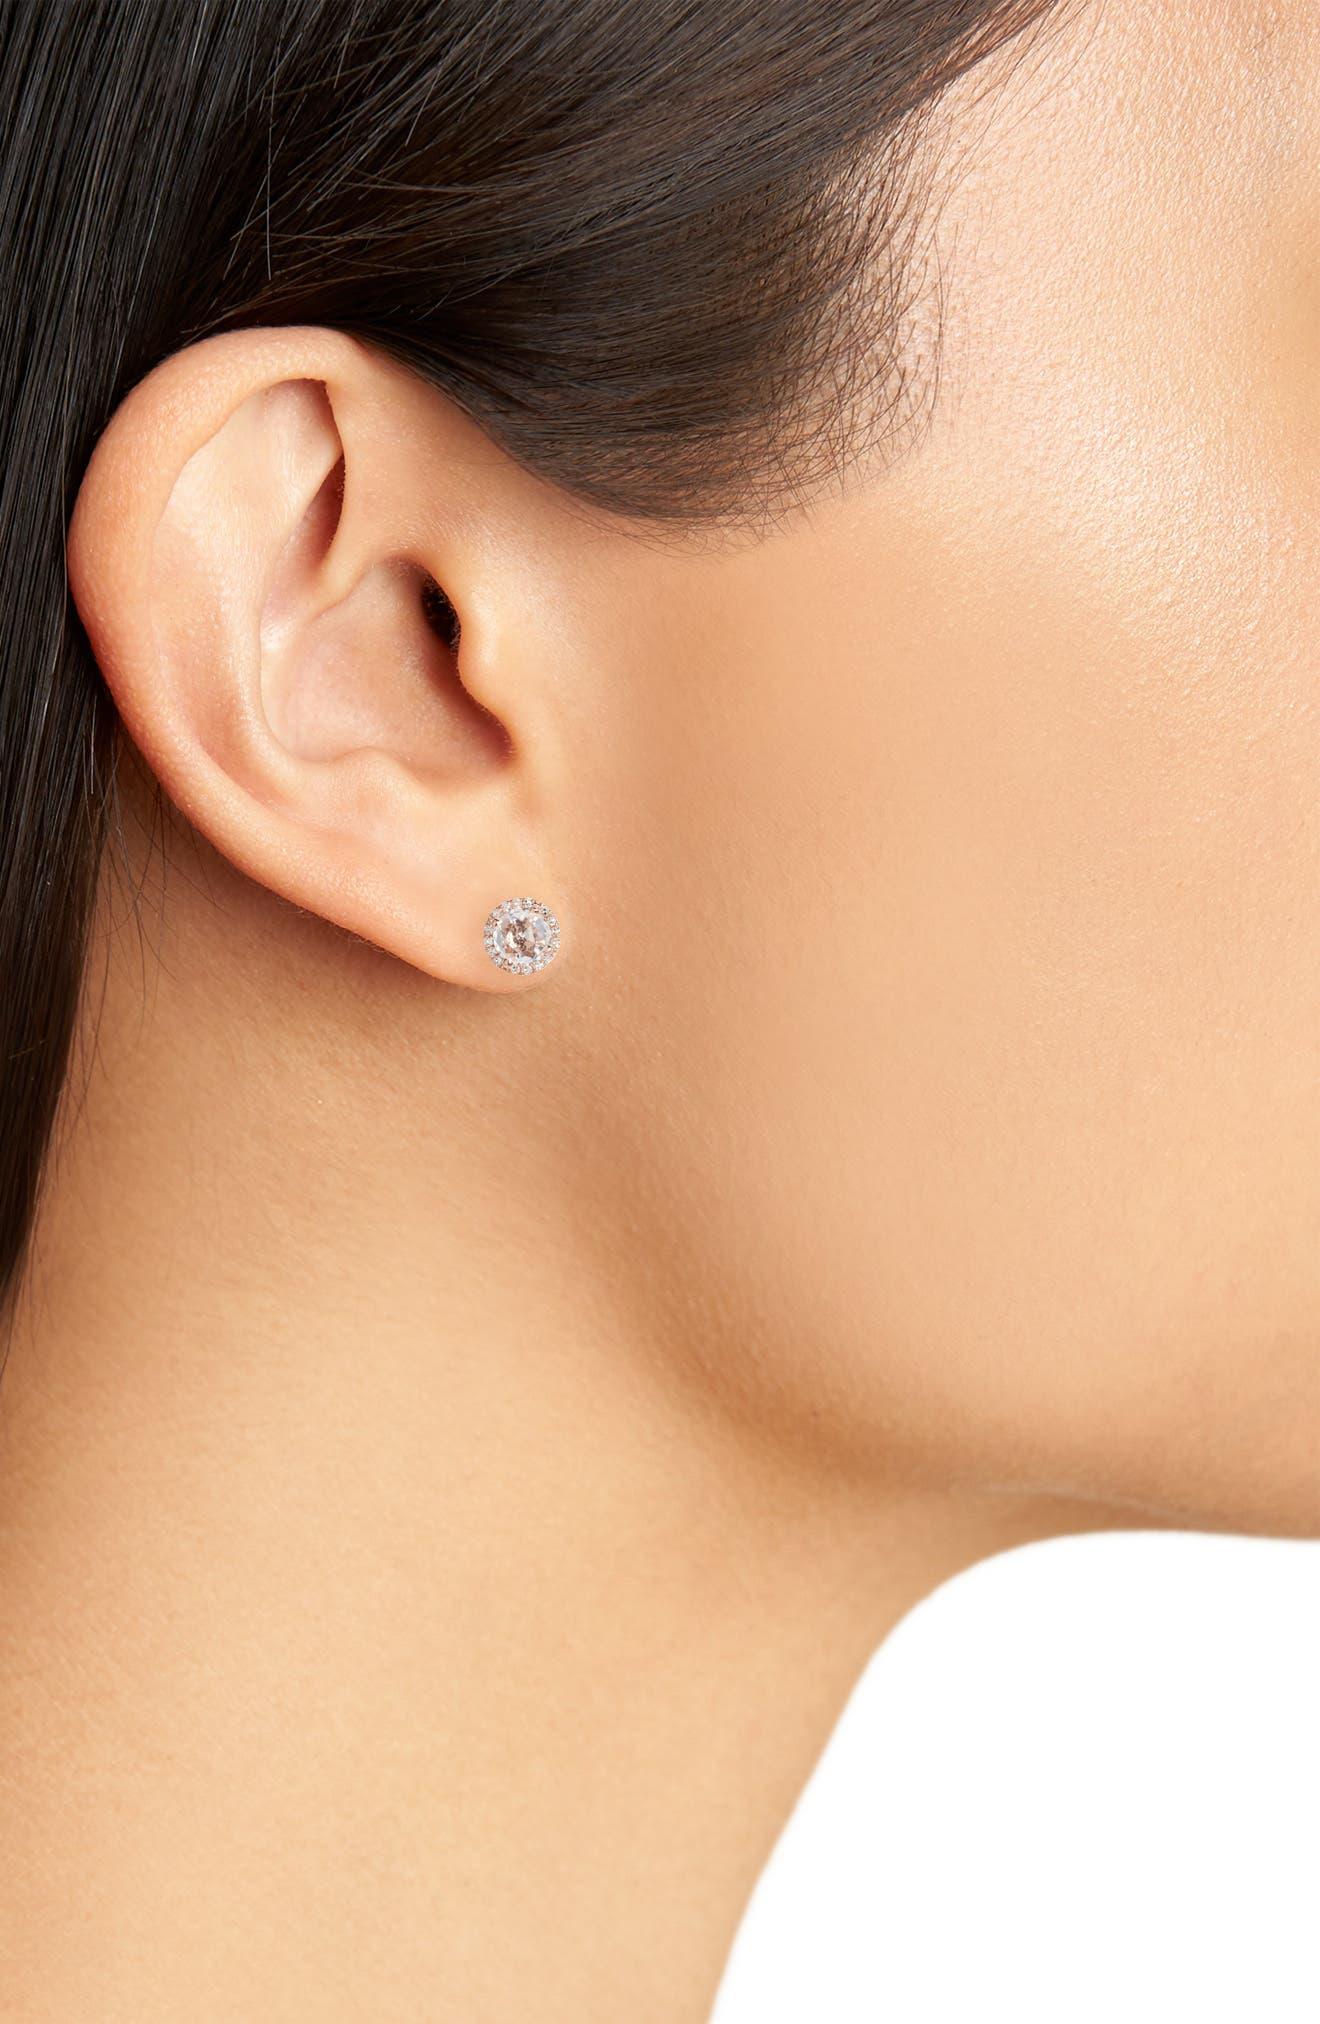 Diamond & Topaz Stud Earrings,                             Alternate thumbnail 2, color,                             Rose Gold